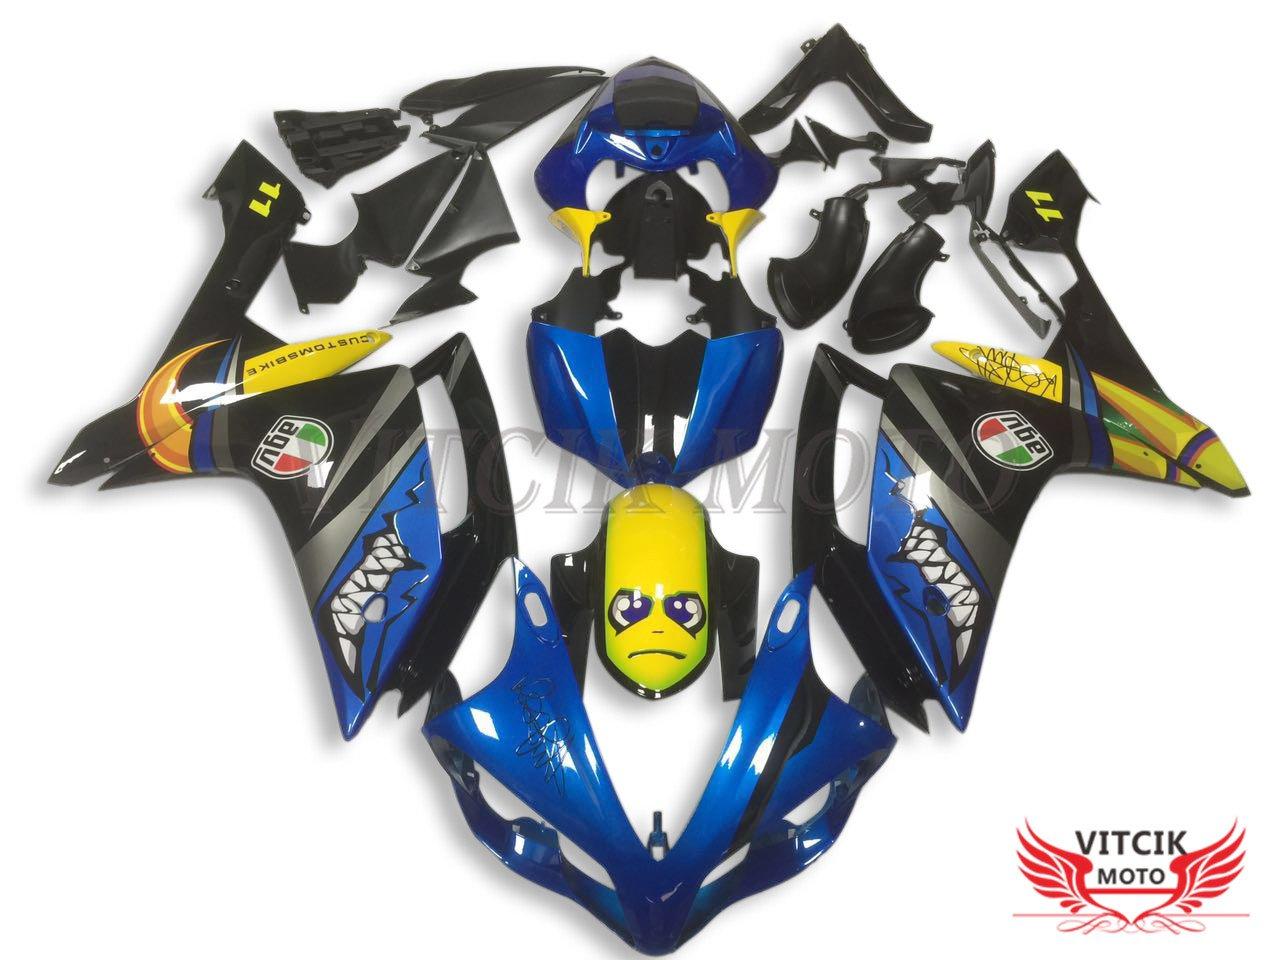 VITCIK (フェアリングキット 対応車種 ヤマハ Yamaha YZF-1000 R1 2007 2008 YZF 1000 R1 07 08) プラスチックABS射出成型 完全なオートバイ車体 アフターマーケット車体フレーム 外装パーツセット(ブルー & イエロー) A041   B075H2X85B